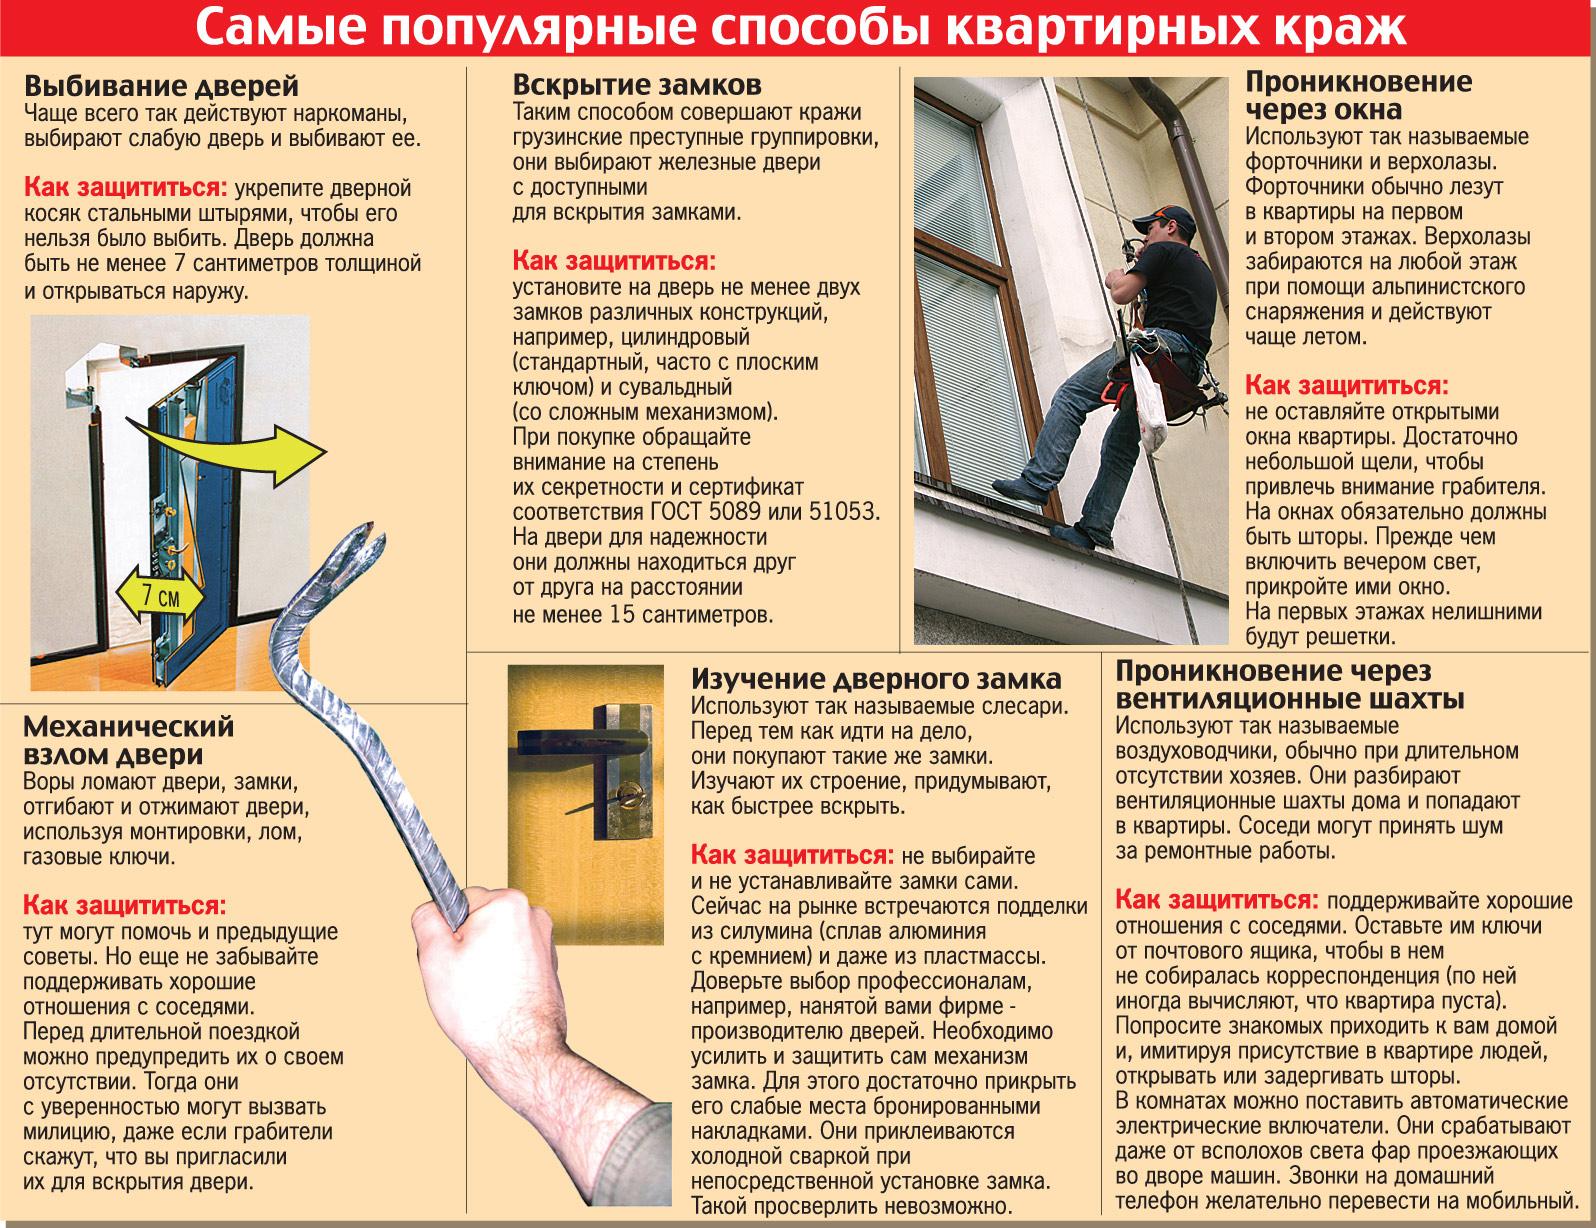 правила защиты от краж зачем они